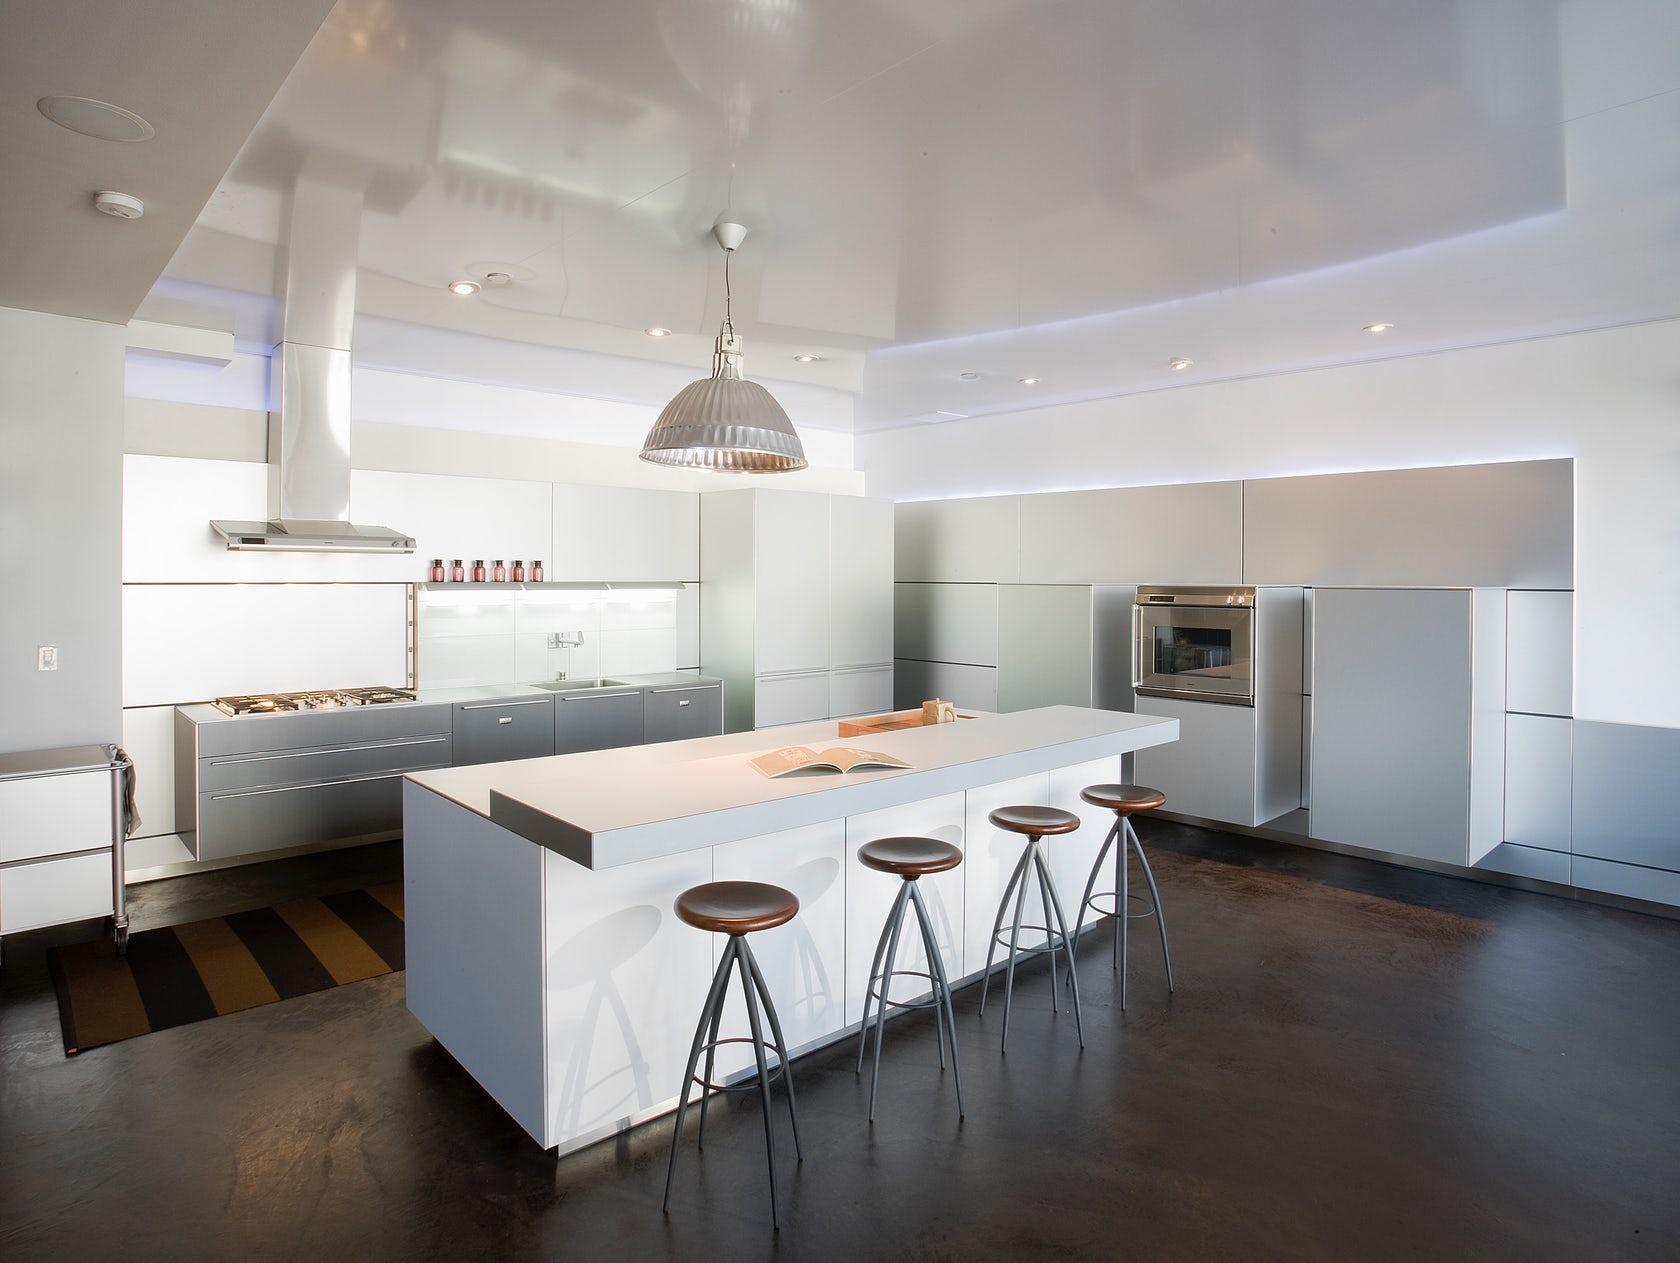 Варианты дизайна натяжных потолков на кухне: какие лучше выбрать